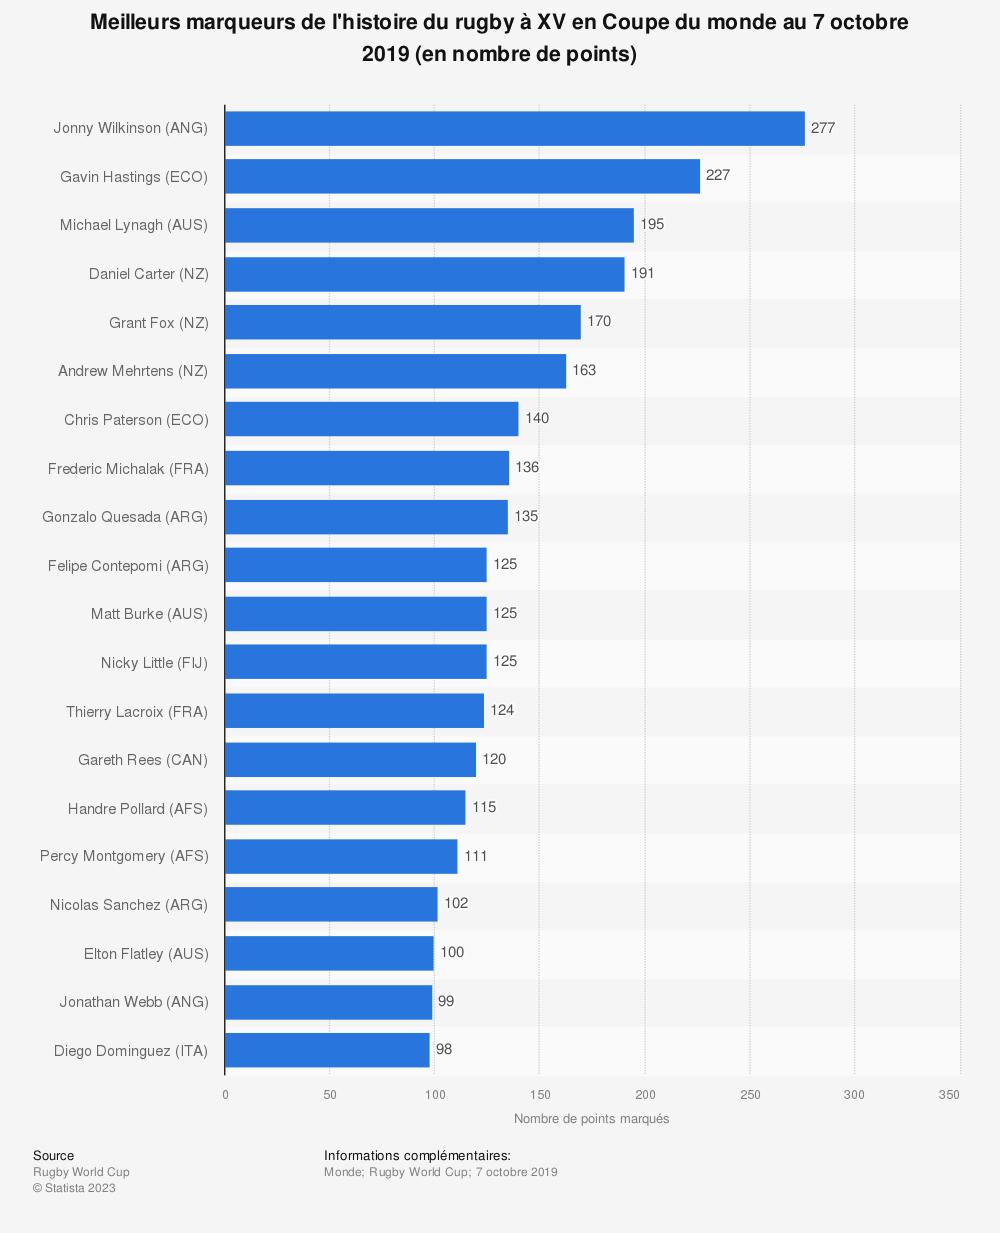 Statistique: Meilleurs marqueurs de l'histoire du rugby à XV en Coupe du monde au 7 octobre 2019 (en nombre de points) | Statista